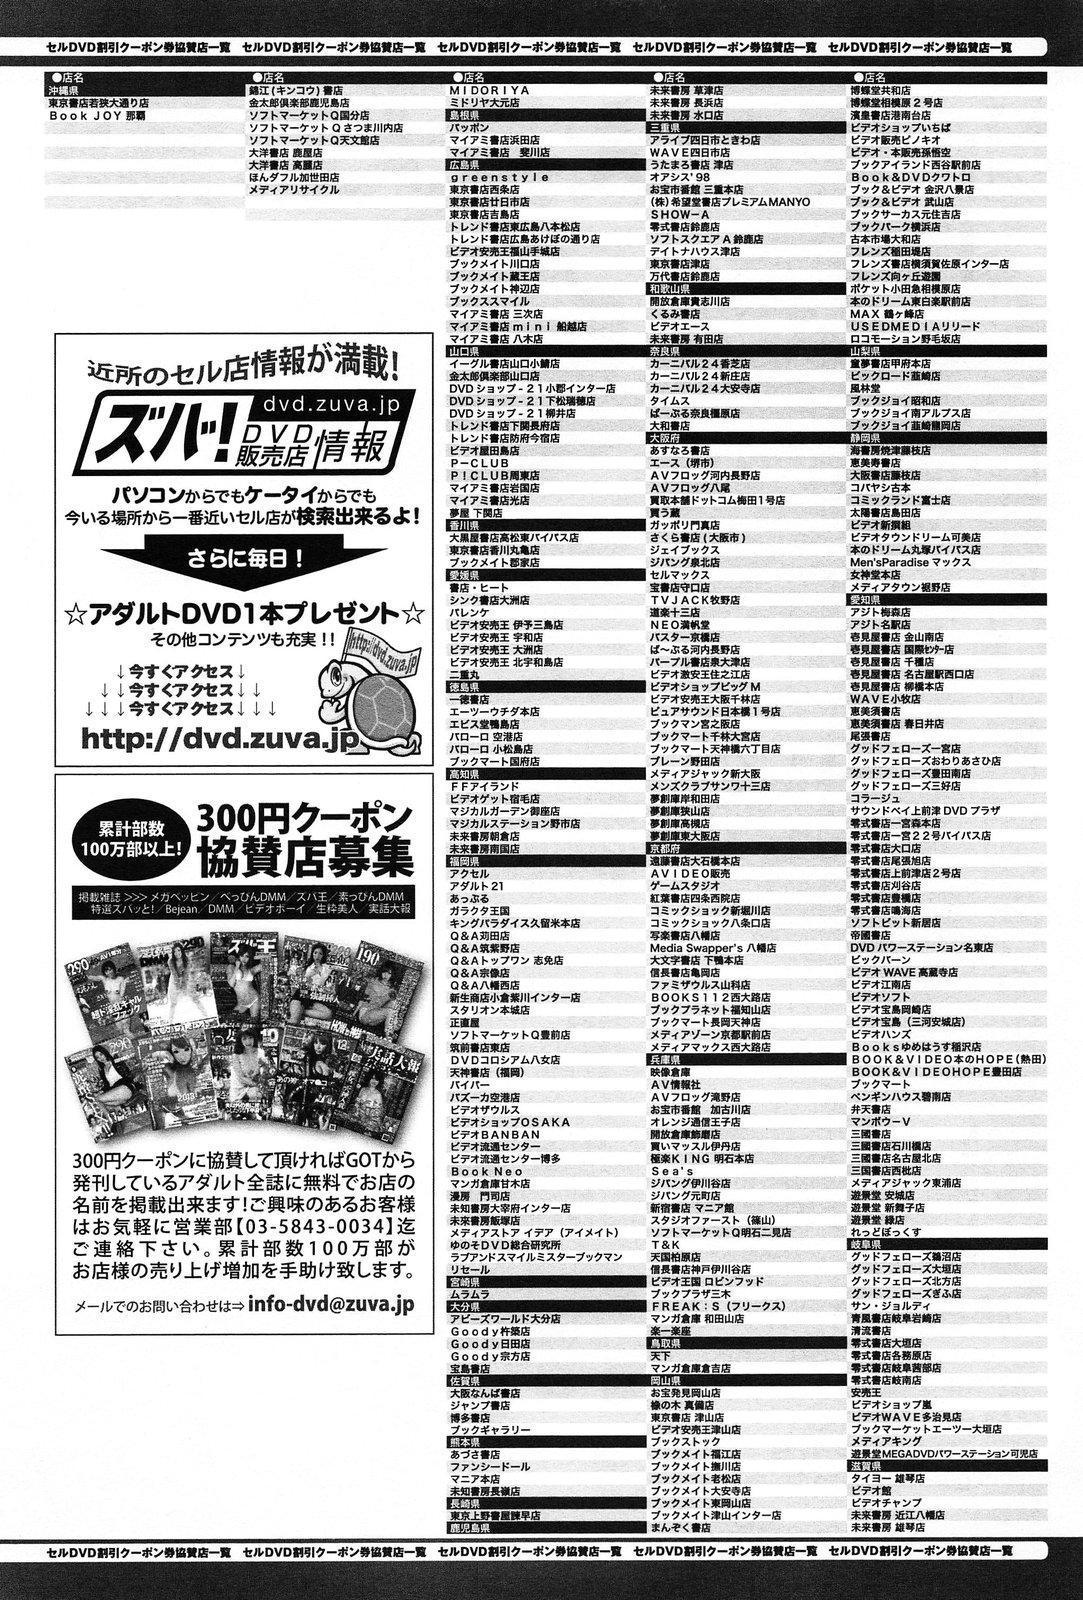 COMIC Anthurium 006 2013-10 356